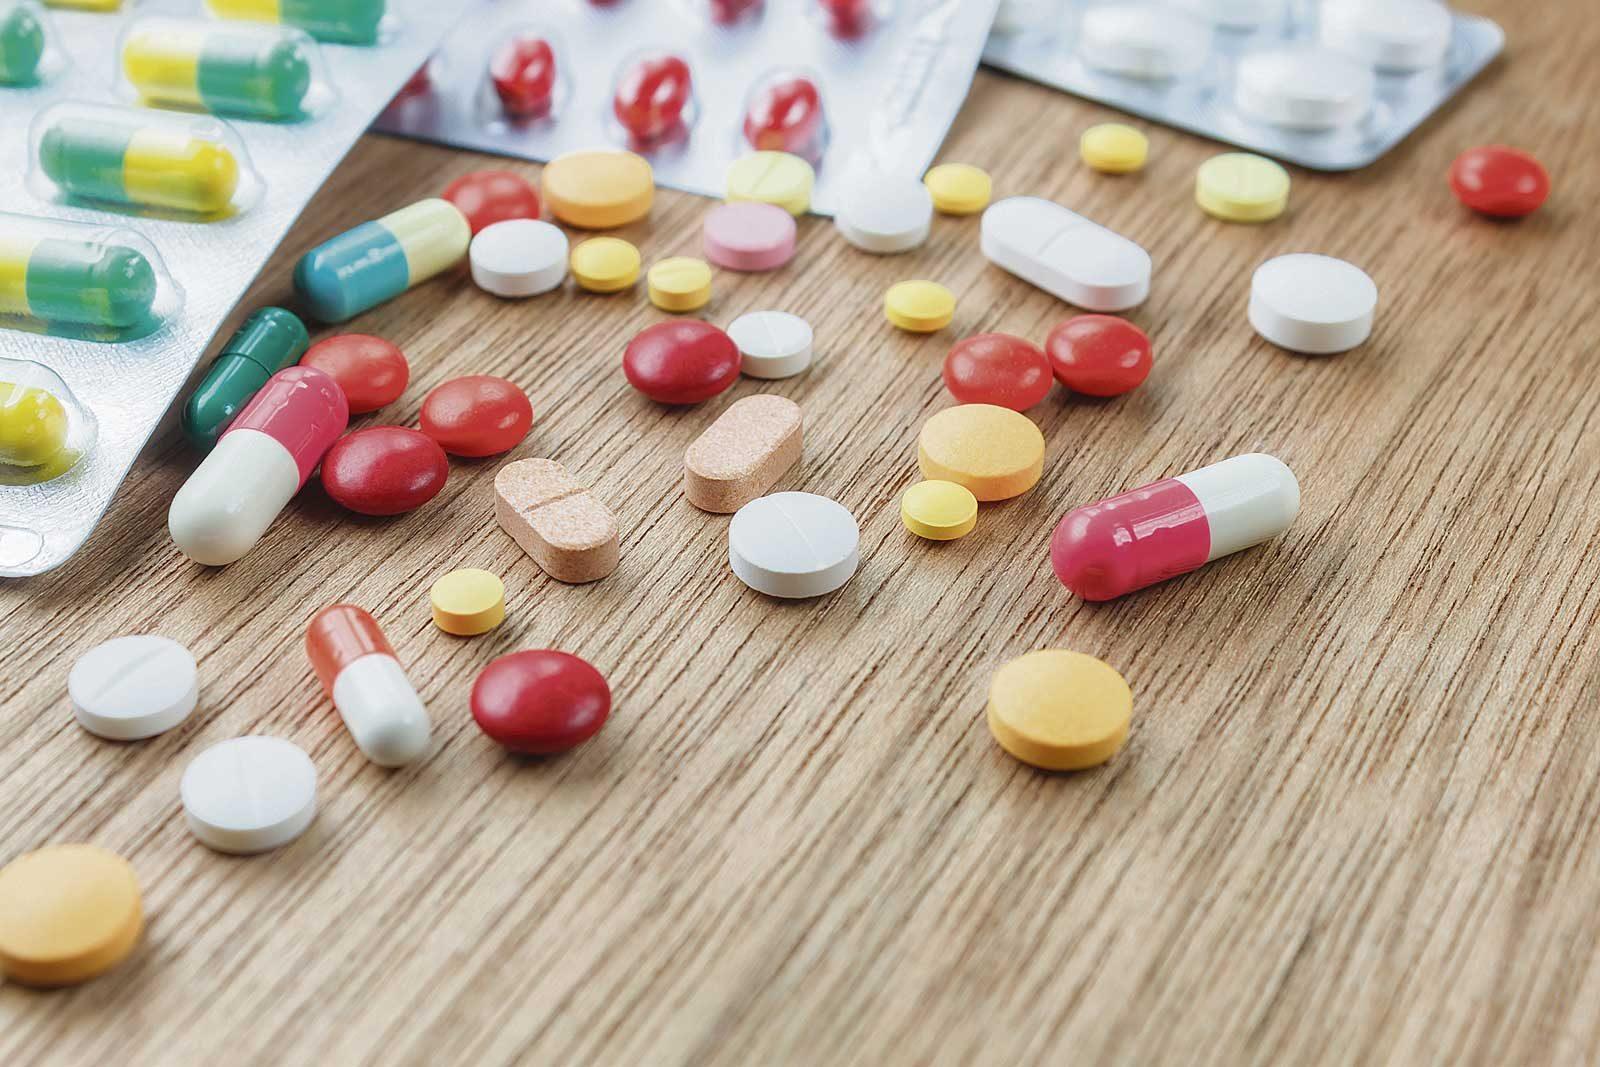 medicamente în farmacie pentru durerile articulare